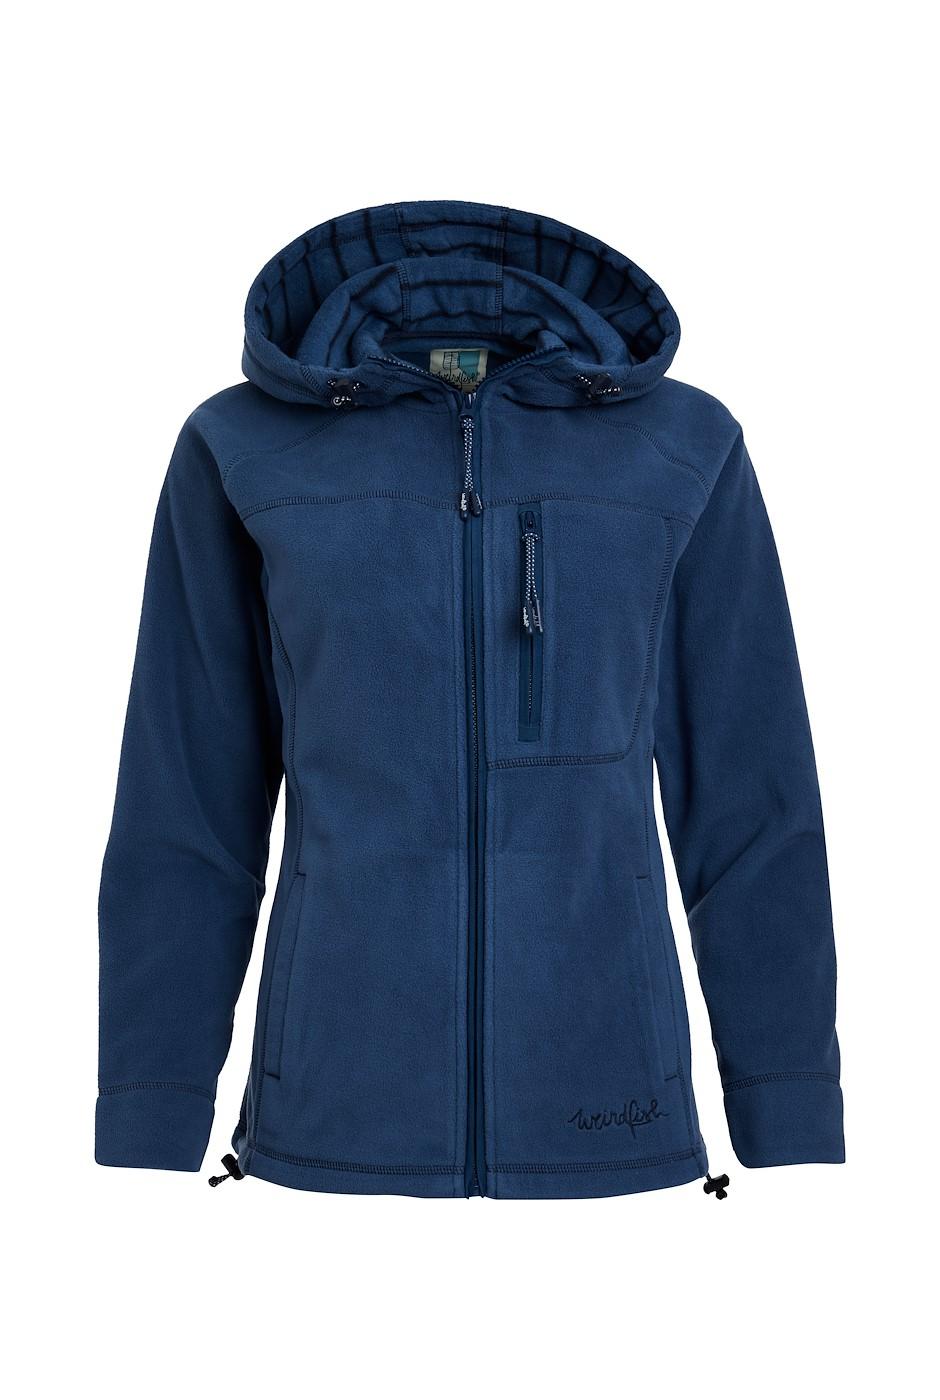 Callery Recycled Fleece Hoodie Ensign Blue